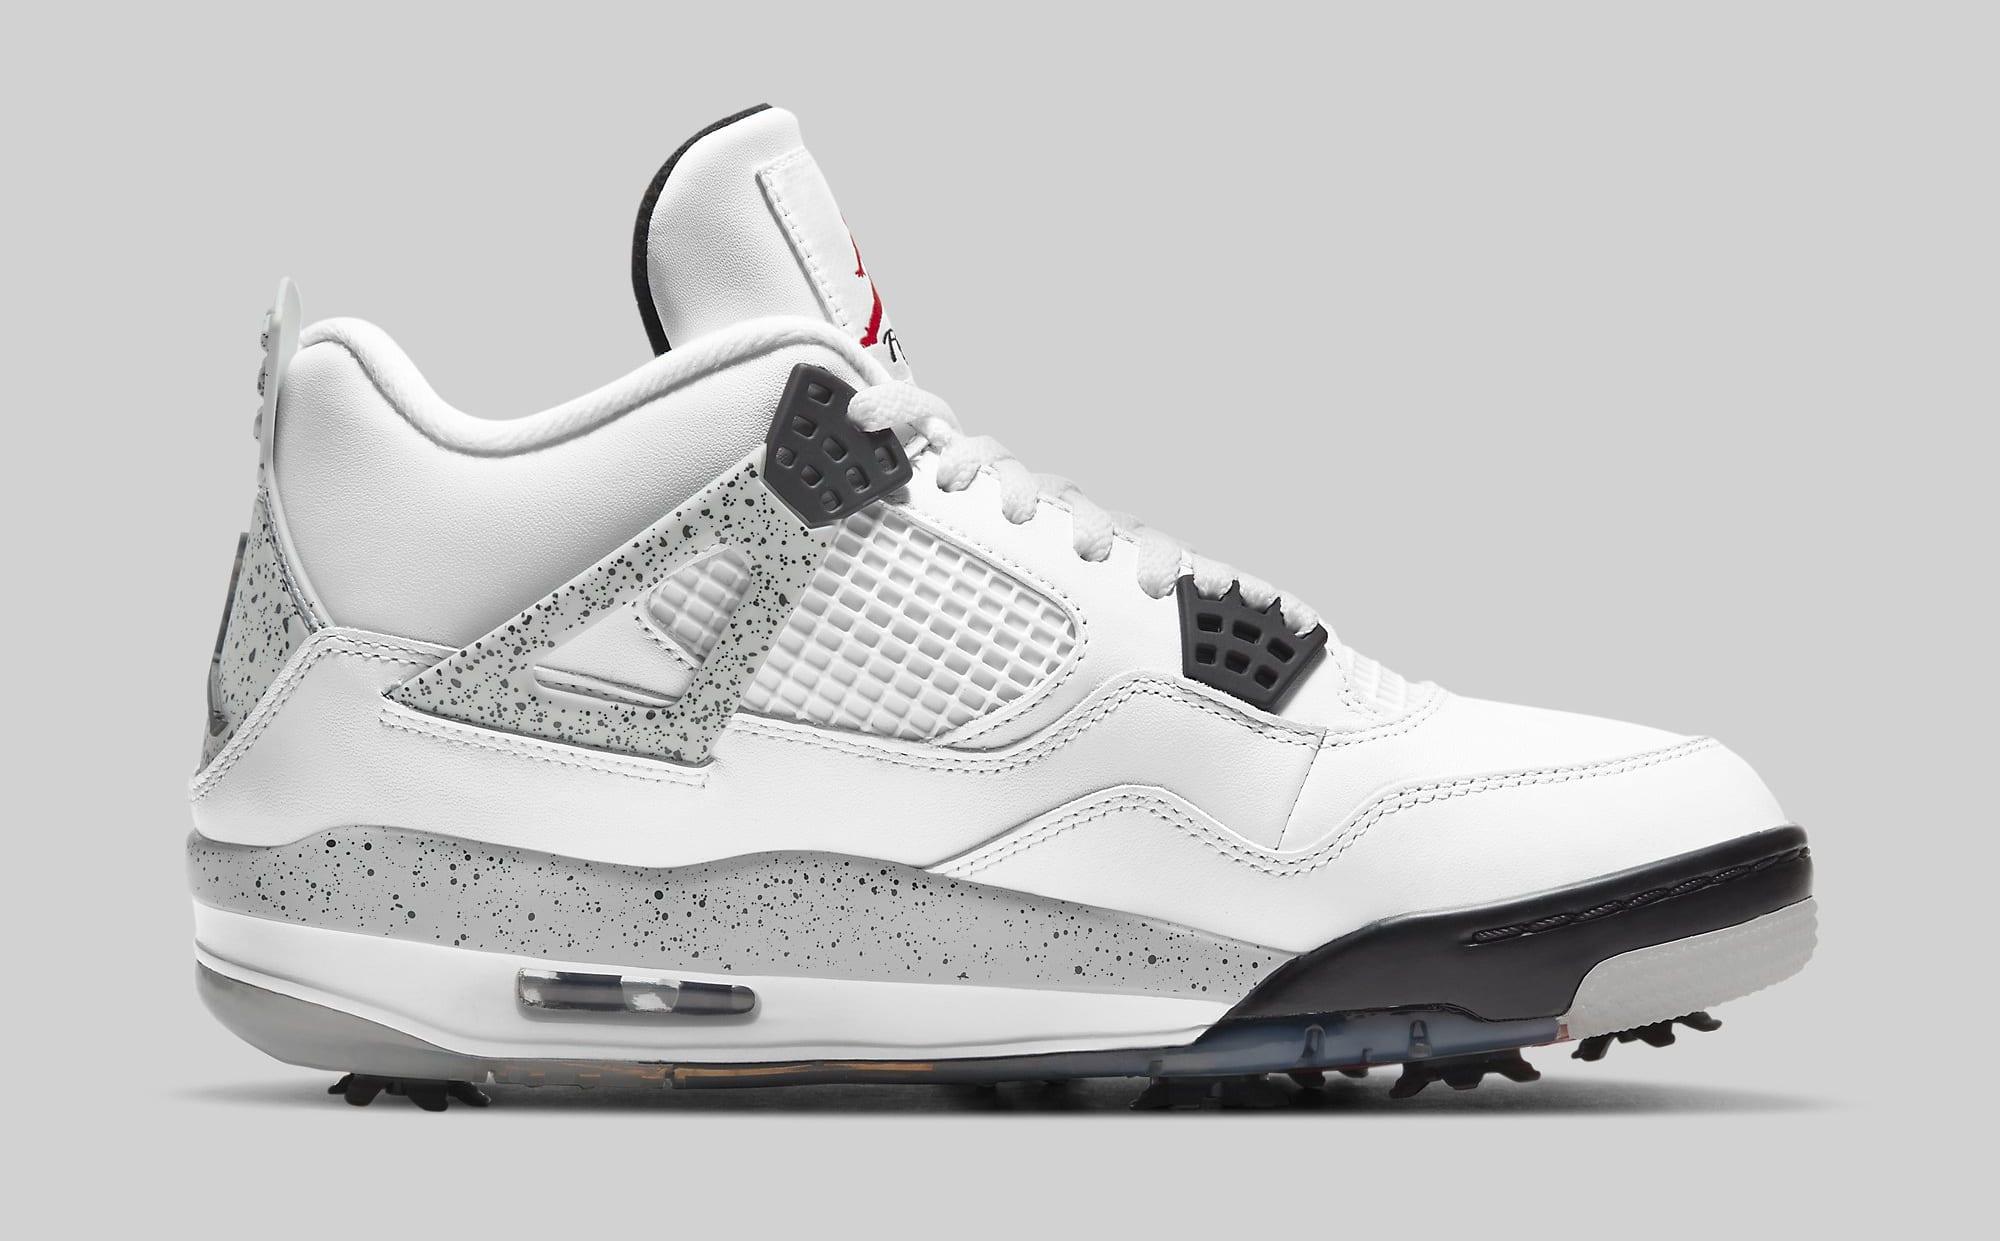 Air Jordan 4 Golf 'White Cement' CU9981-100 Medial